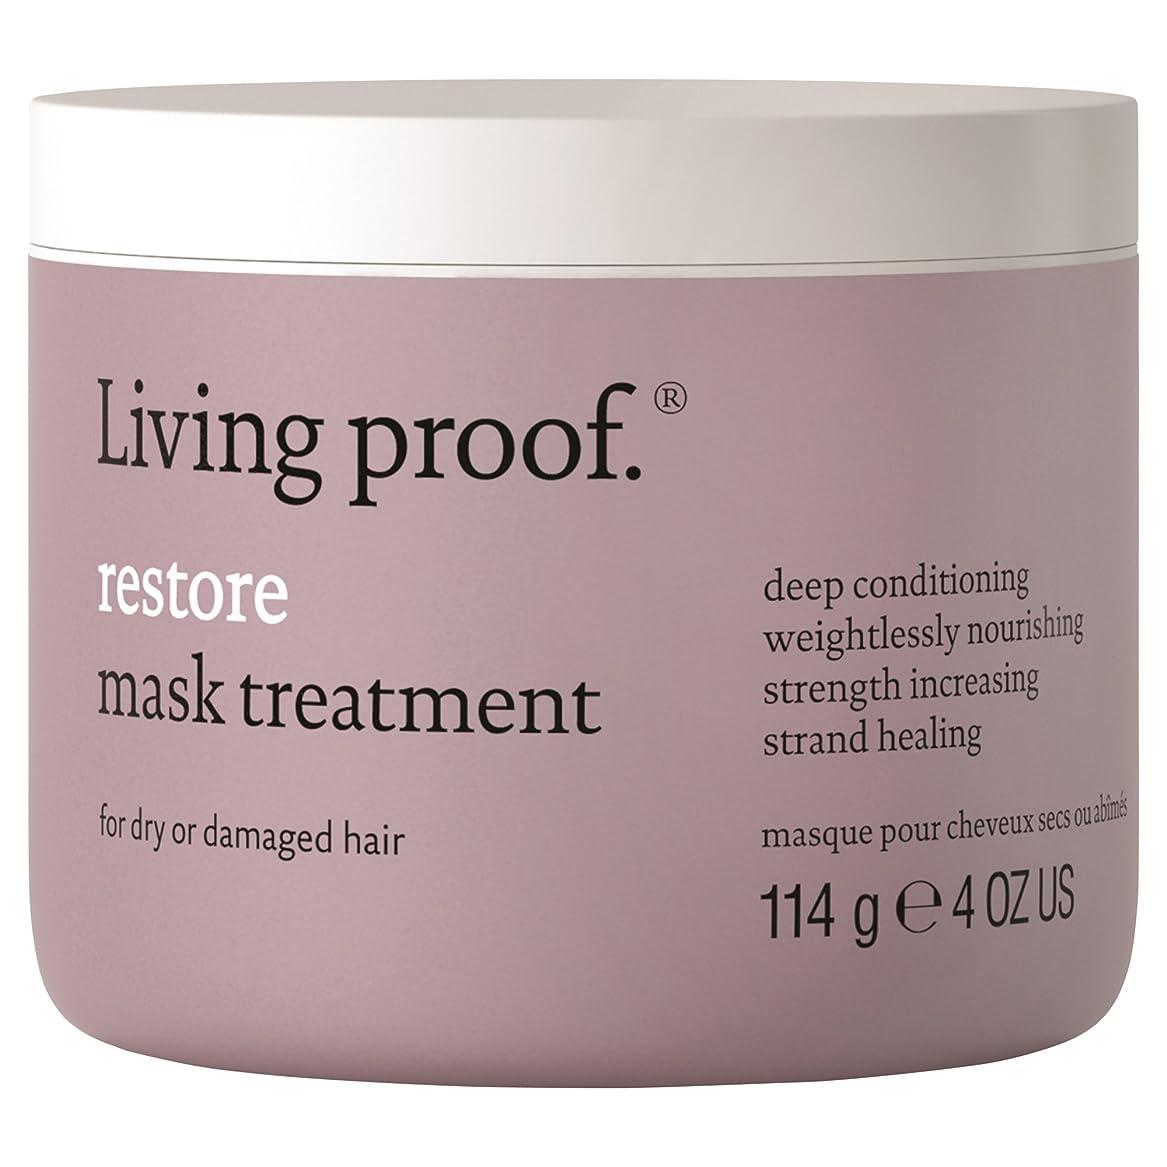 世界偽善者交渉する生きている証拠は、マスク処理114グラムを復元します (Living Proof) - Living Proof Restore Mask Treatment 114g [並行輸入品]